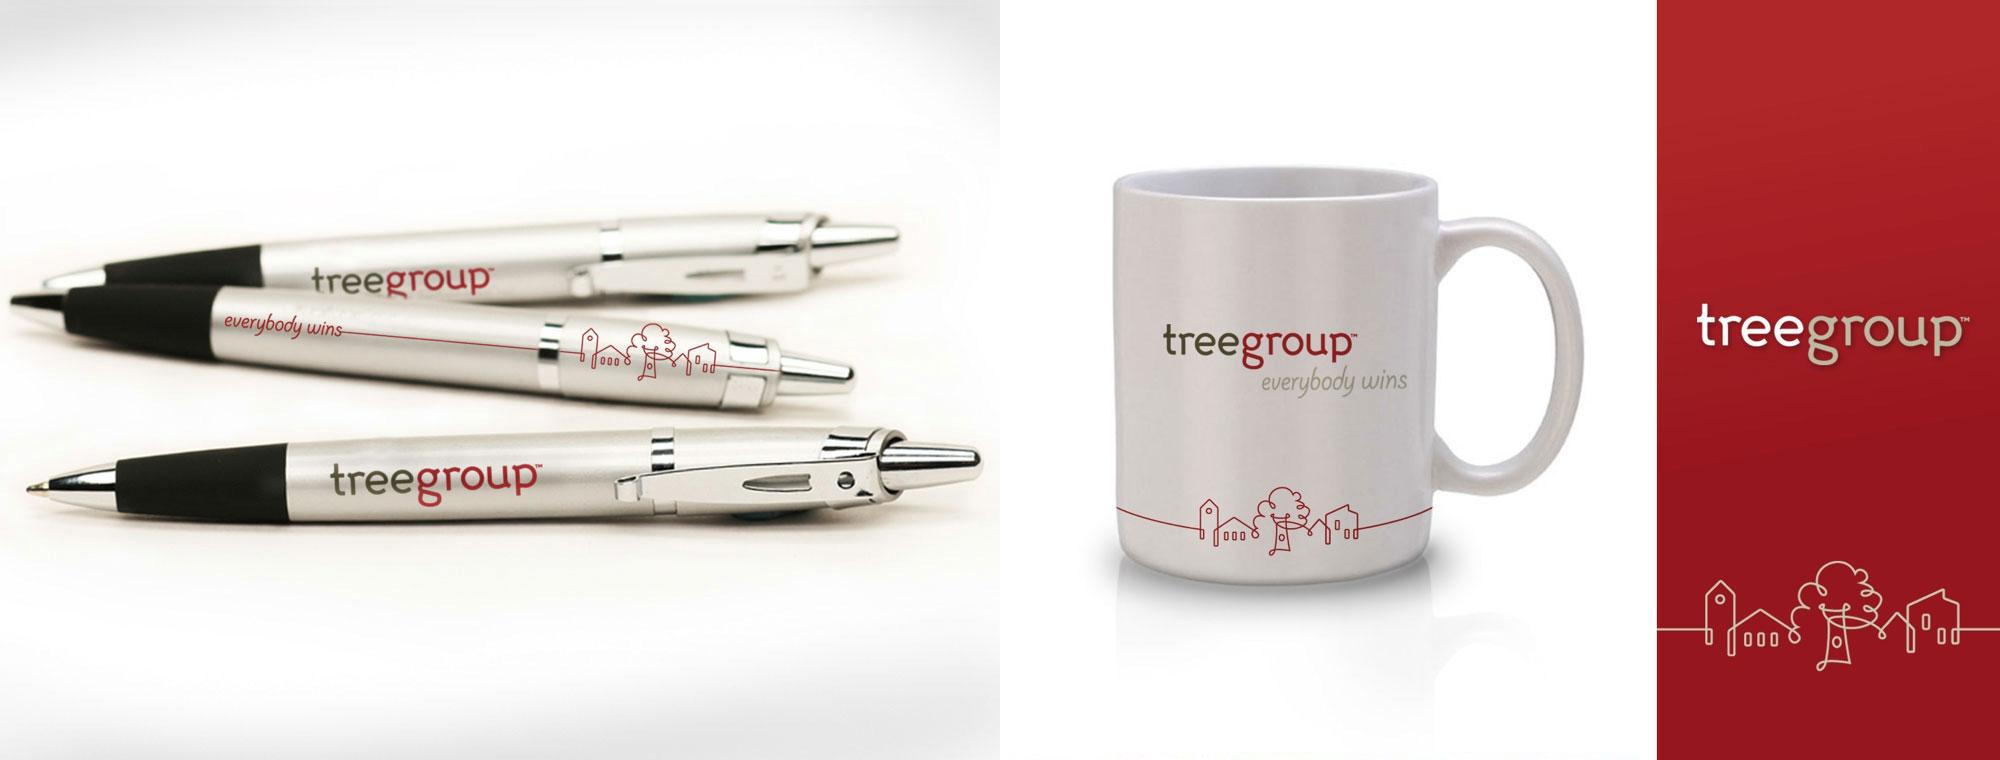 treegroup_07_merchandise